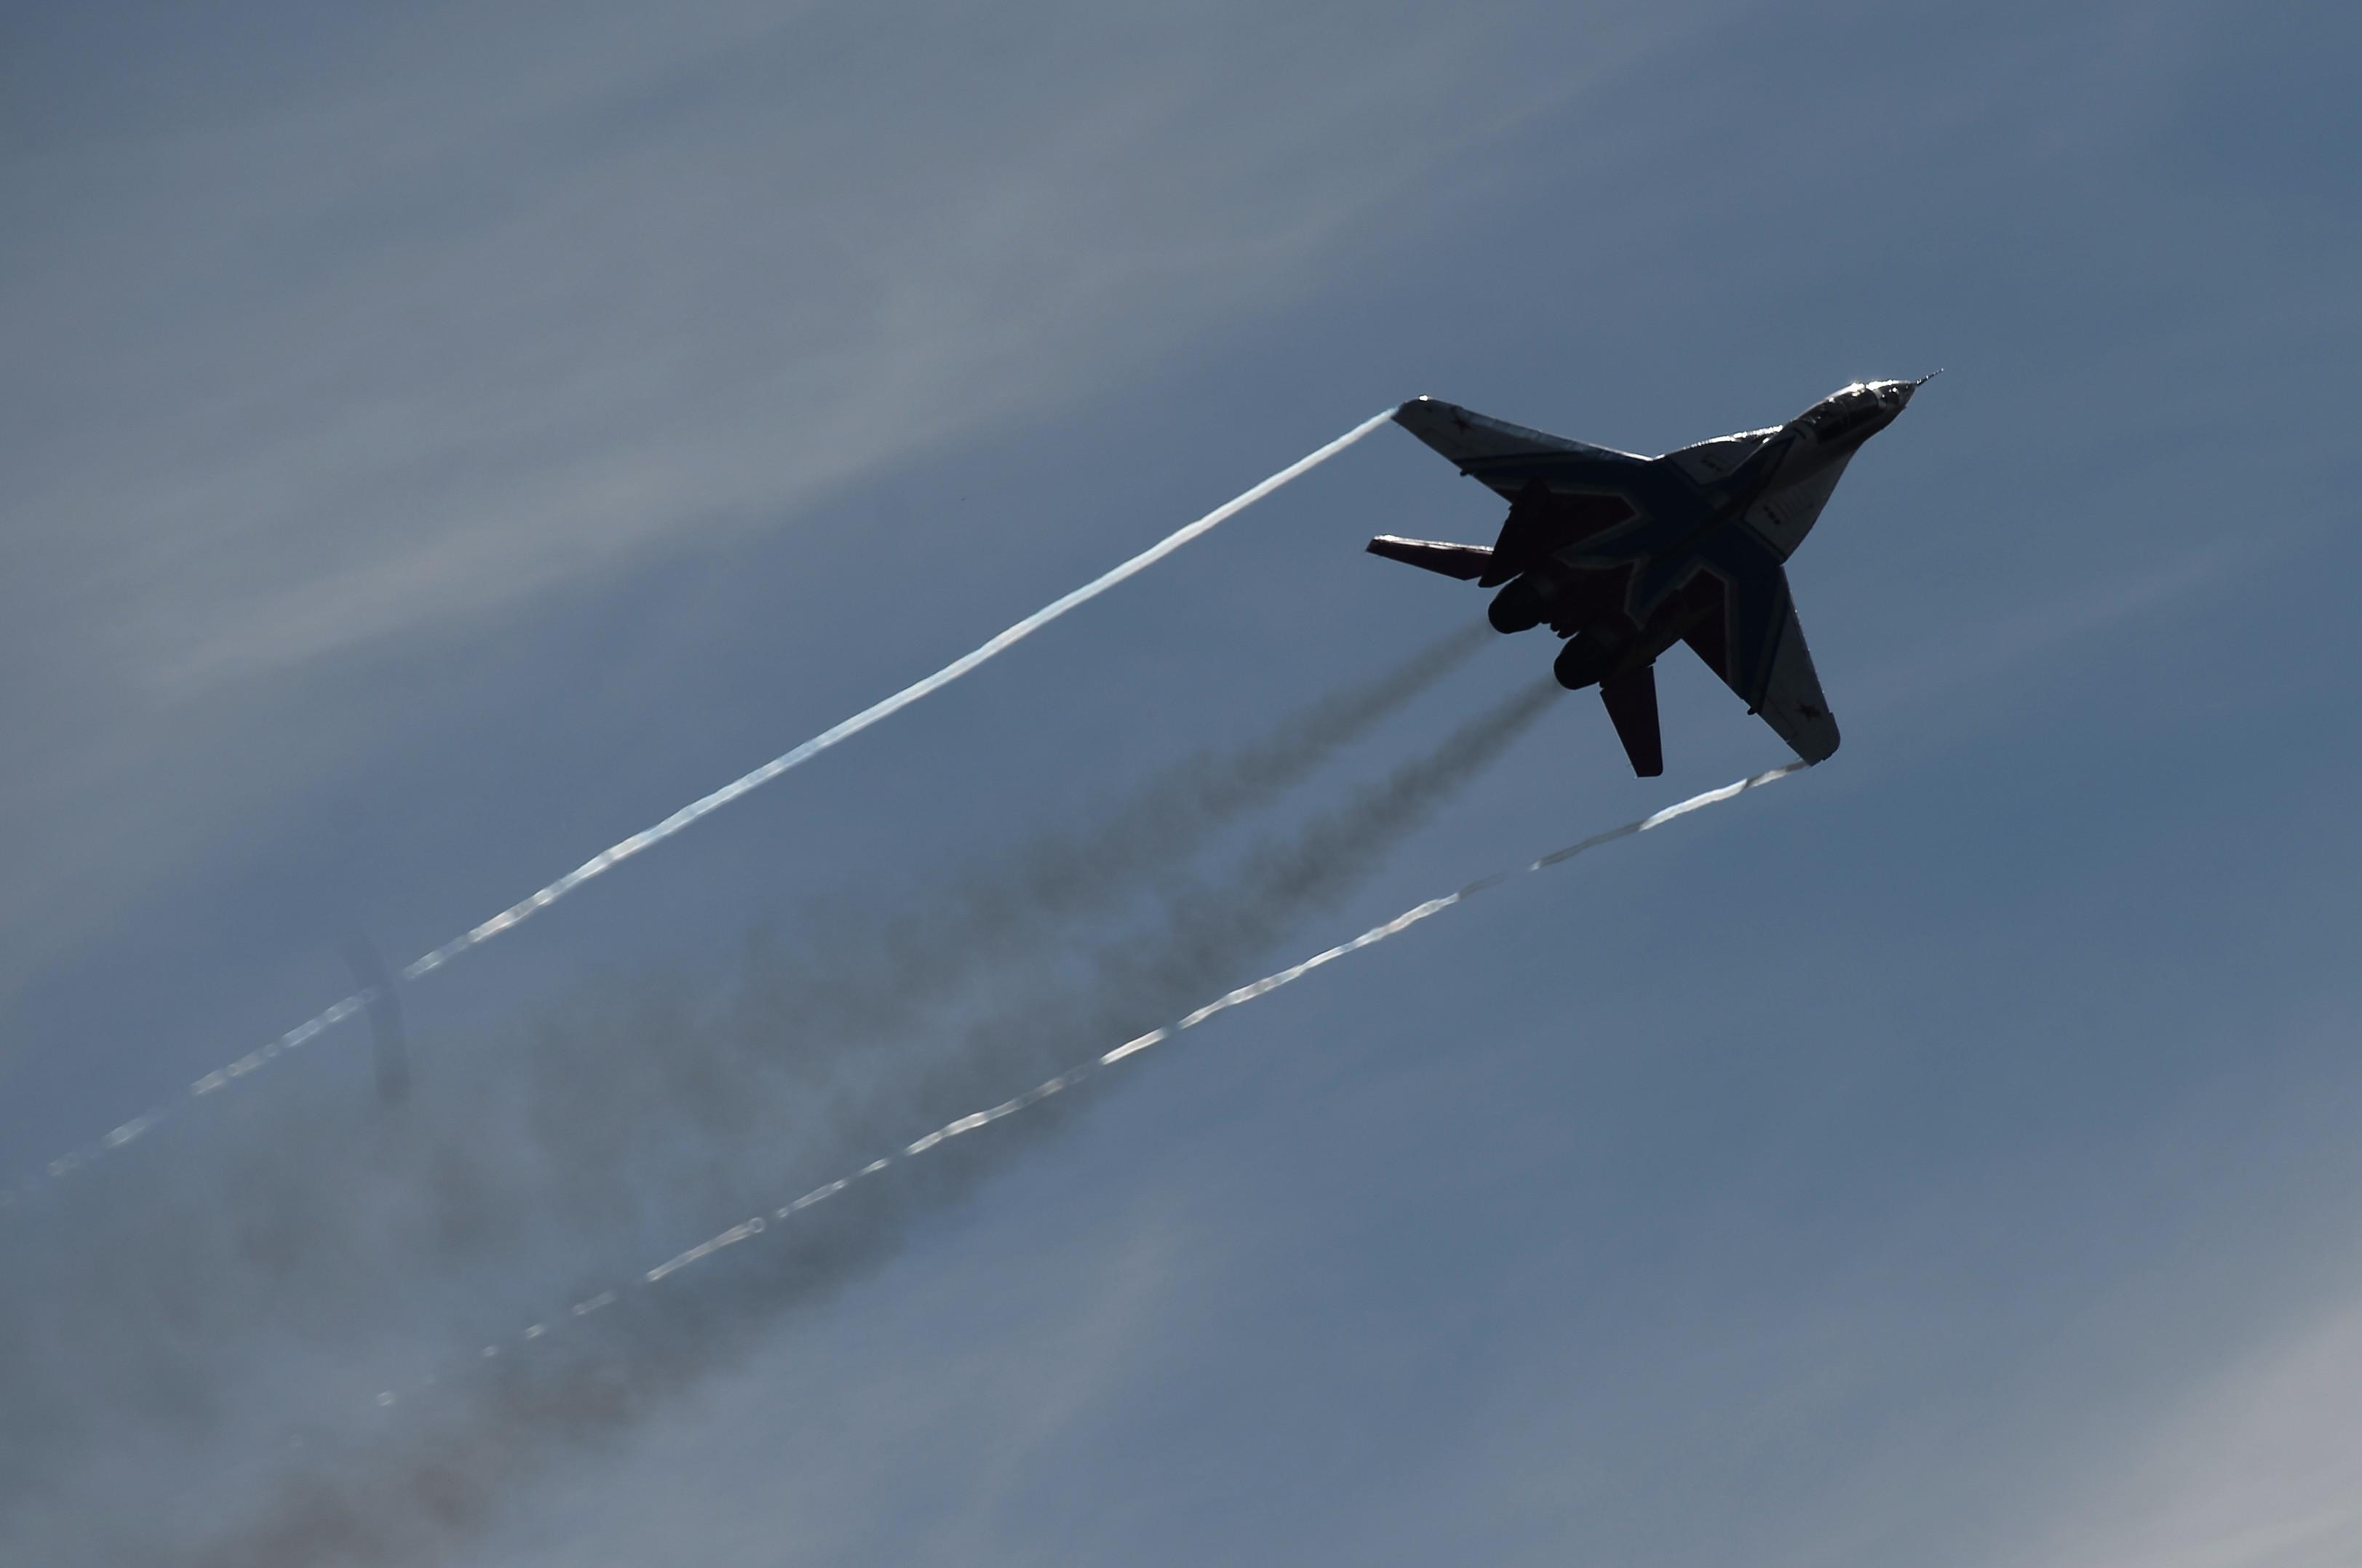 Многоцелевой истребитель МиГ-29. Фото: © РИА Новости / Максим Блинов